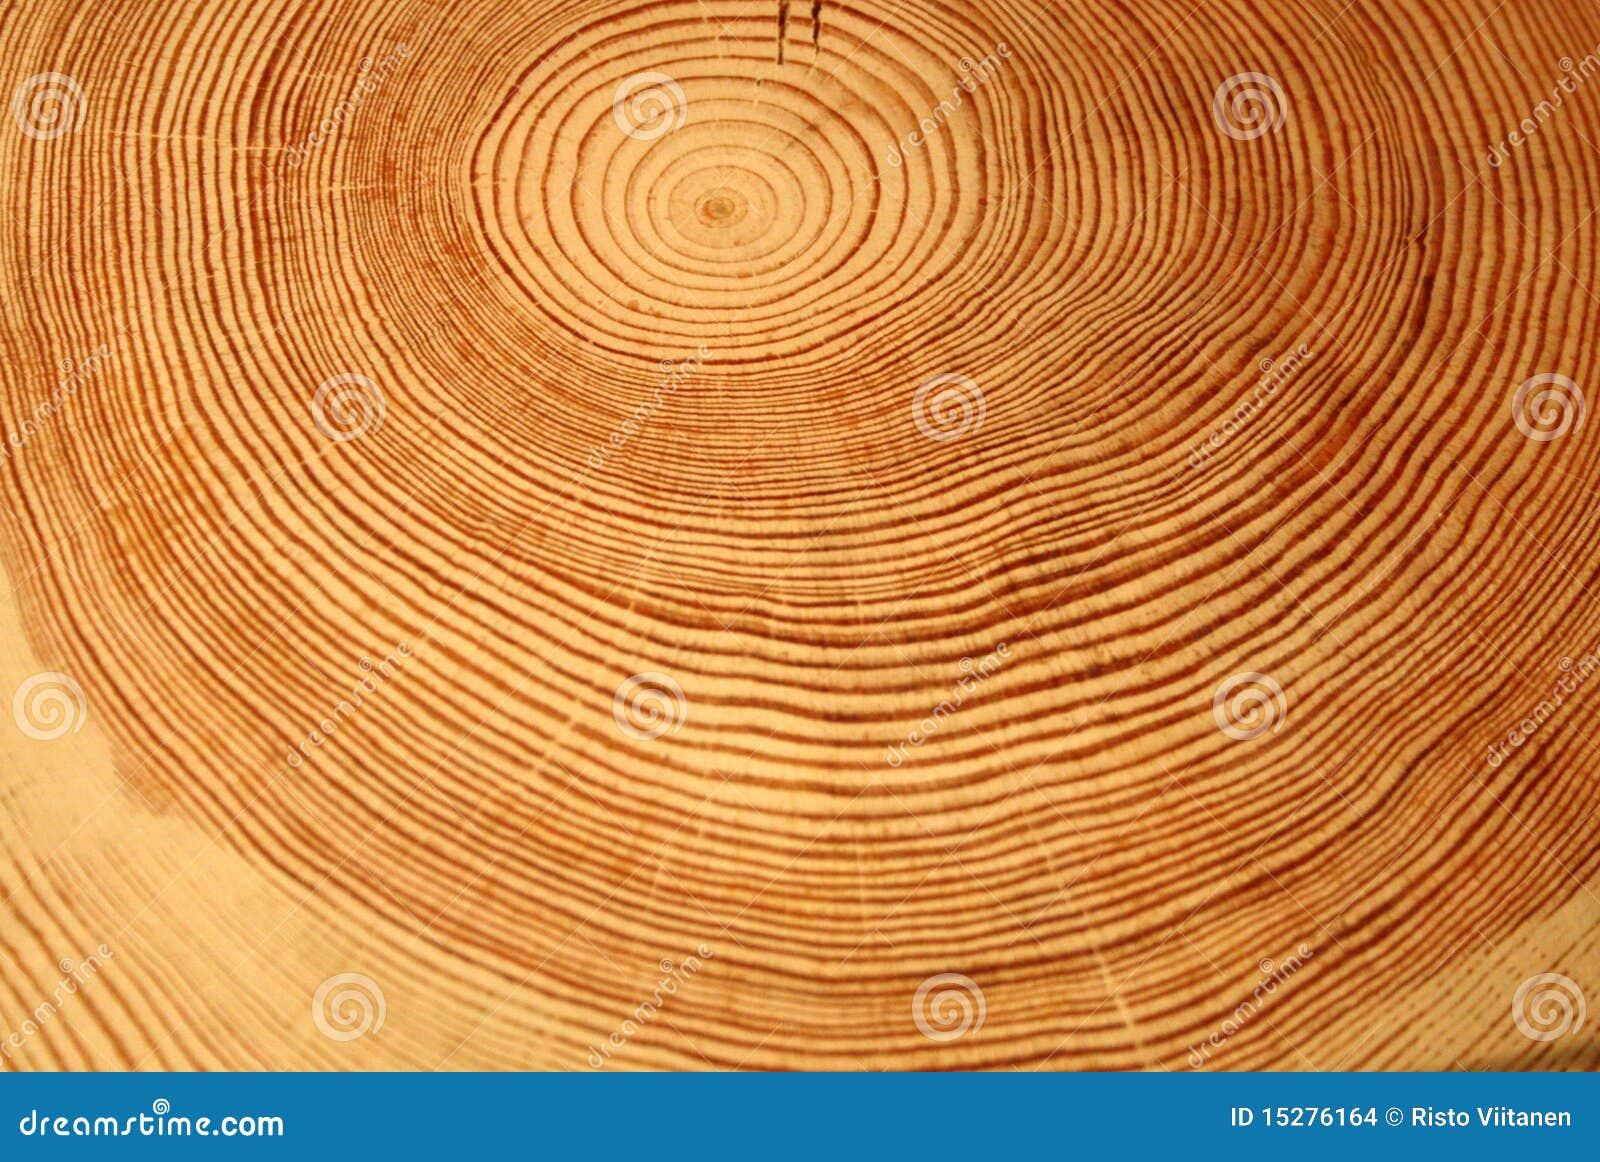 Jahrringe eines Baums